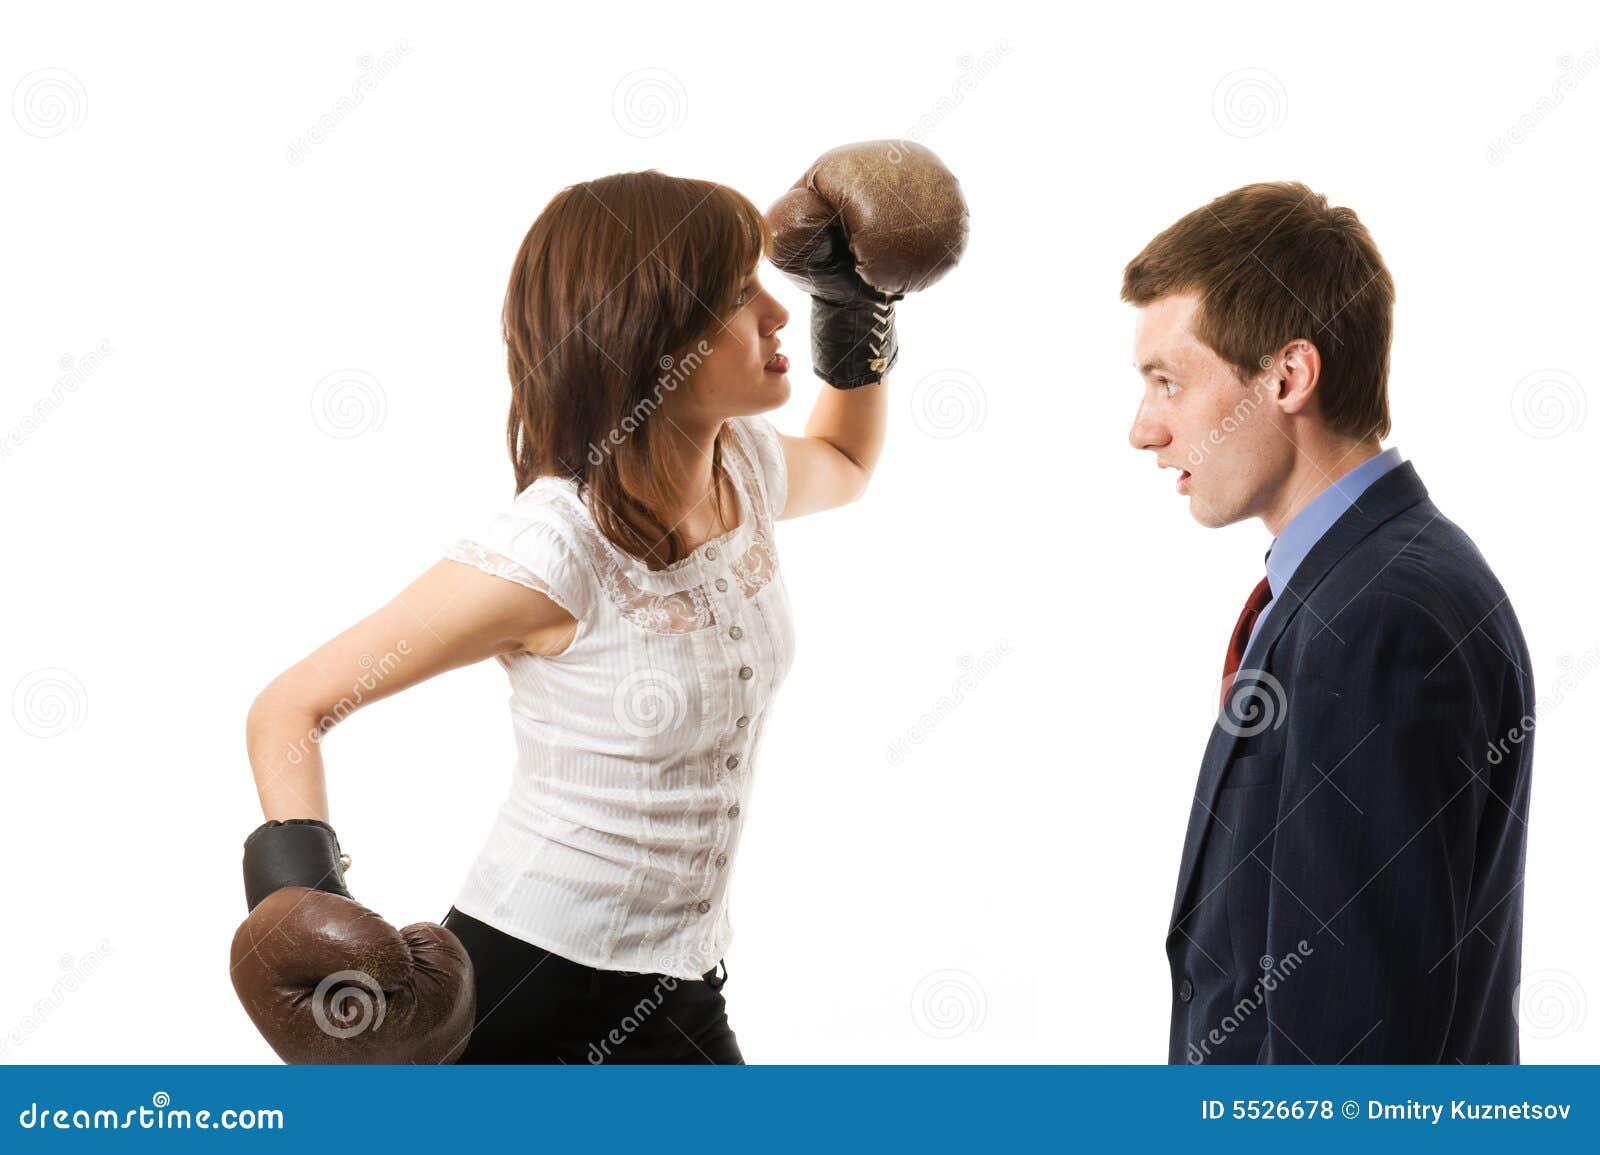 Businesswoman attacks businessman.